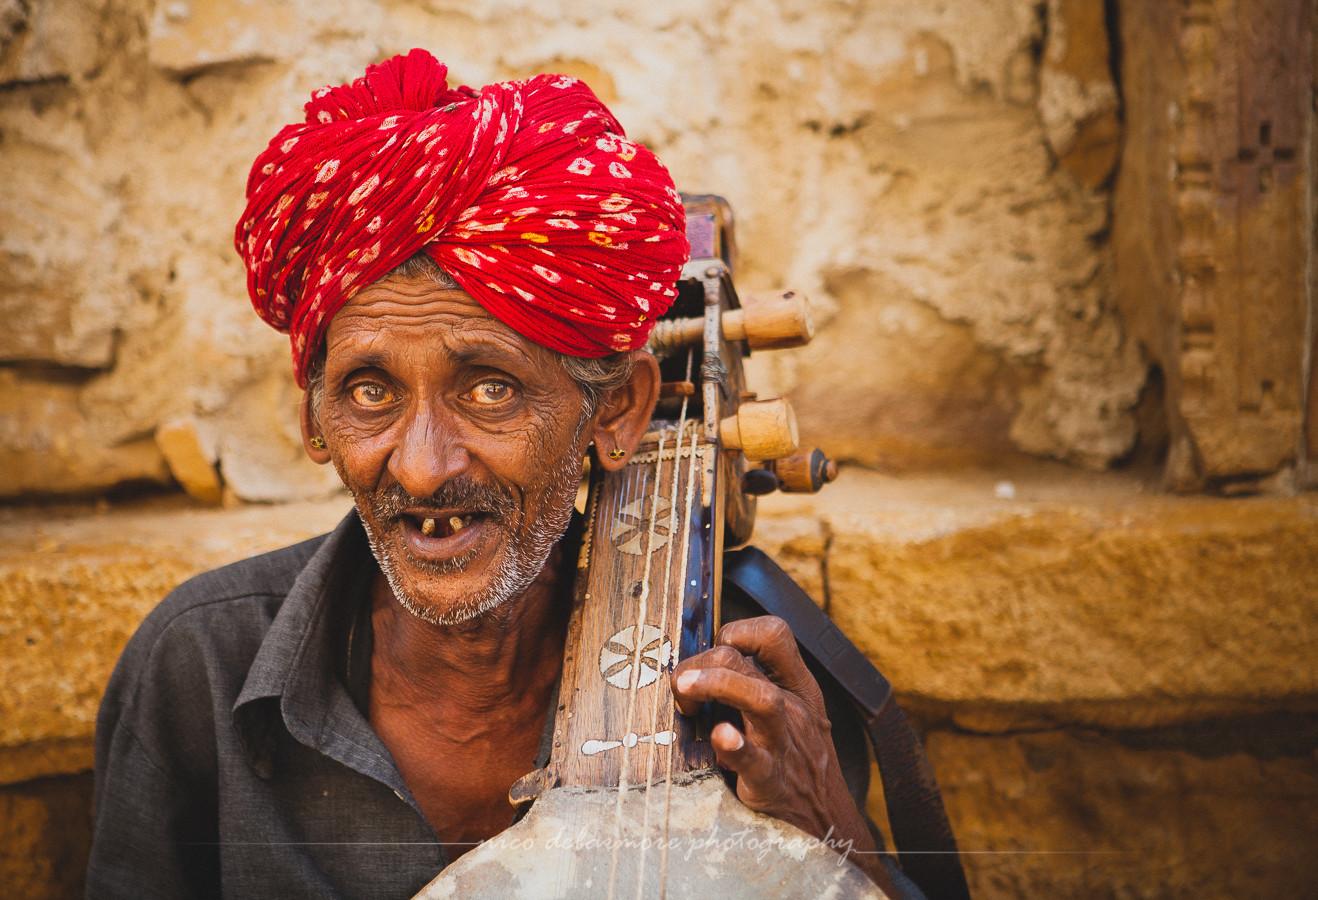 Sarodist In Jaisalmer